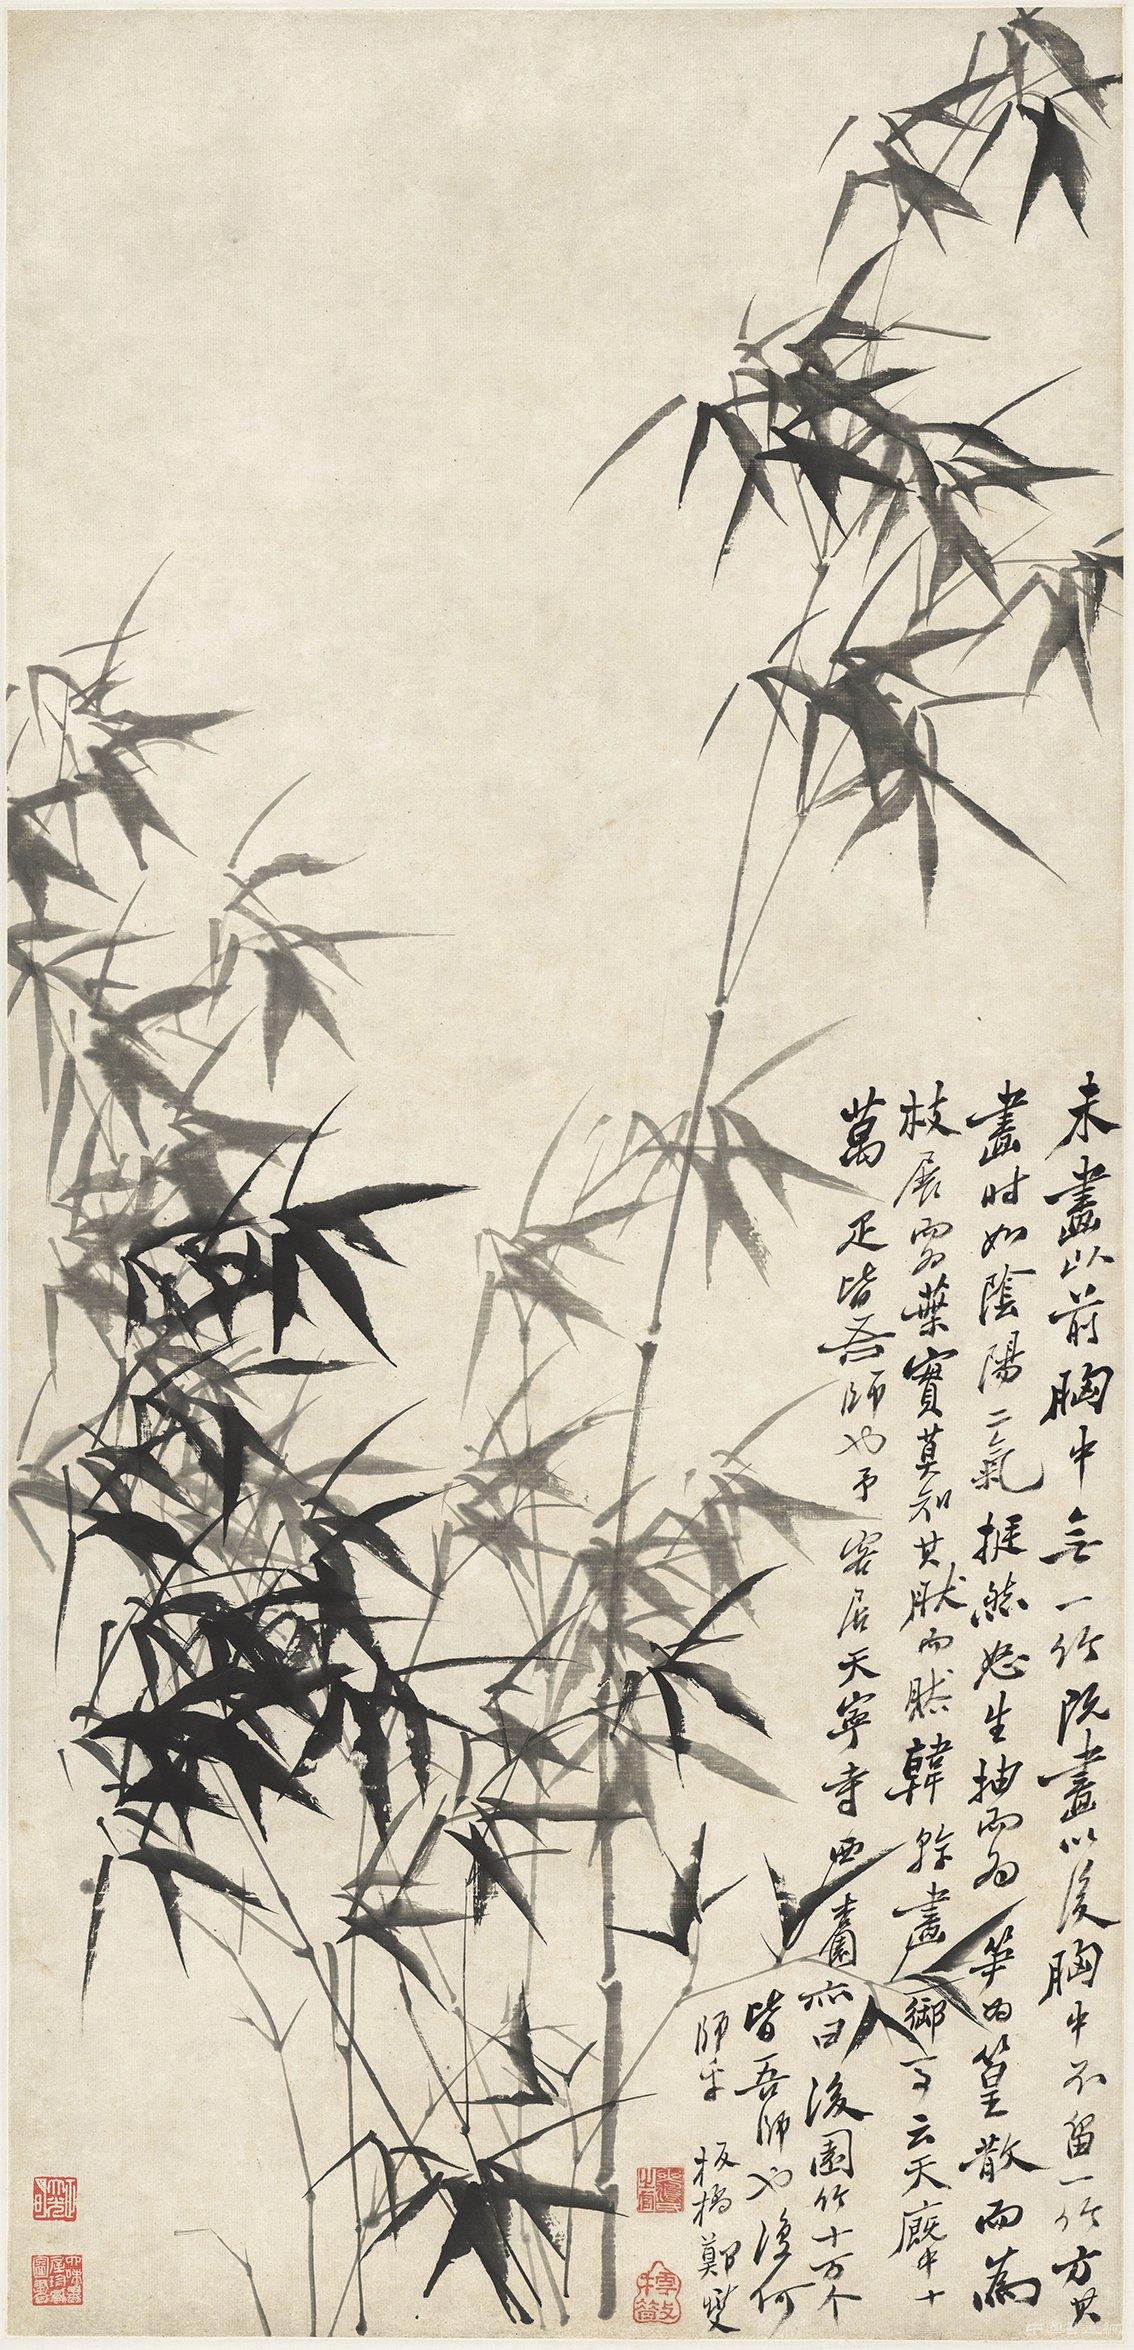 薛永年:扬州八怪的款题与印章